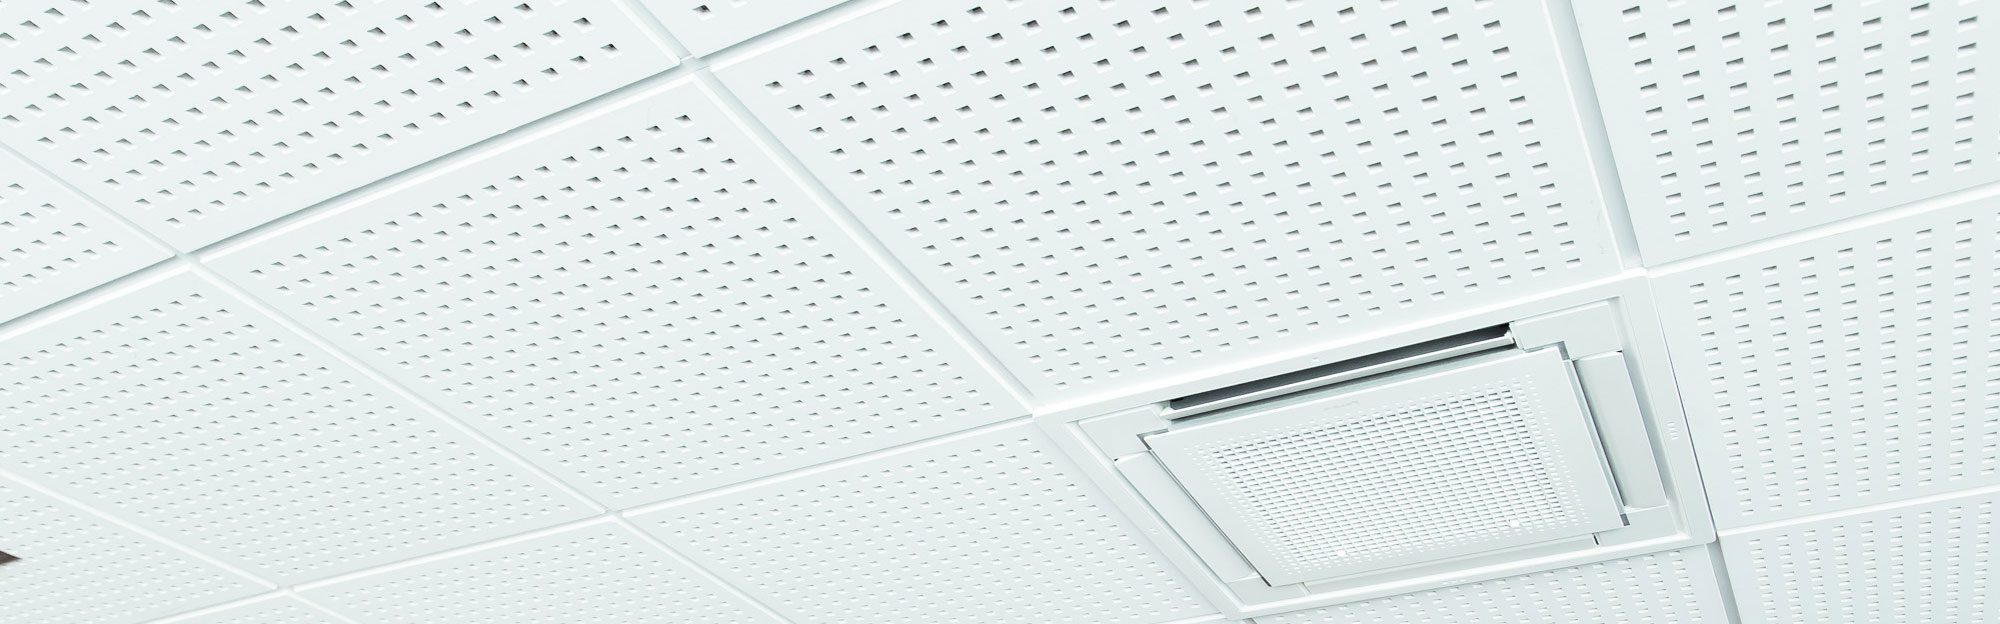 climatisation gainable devis gratuit clima progress. Black Bedroom Furniture Sets. Home Design Ideas